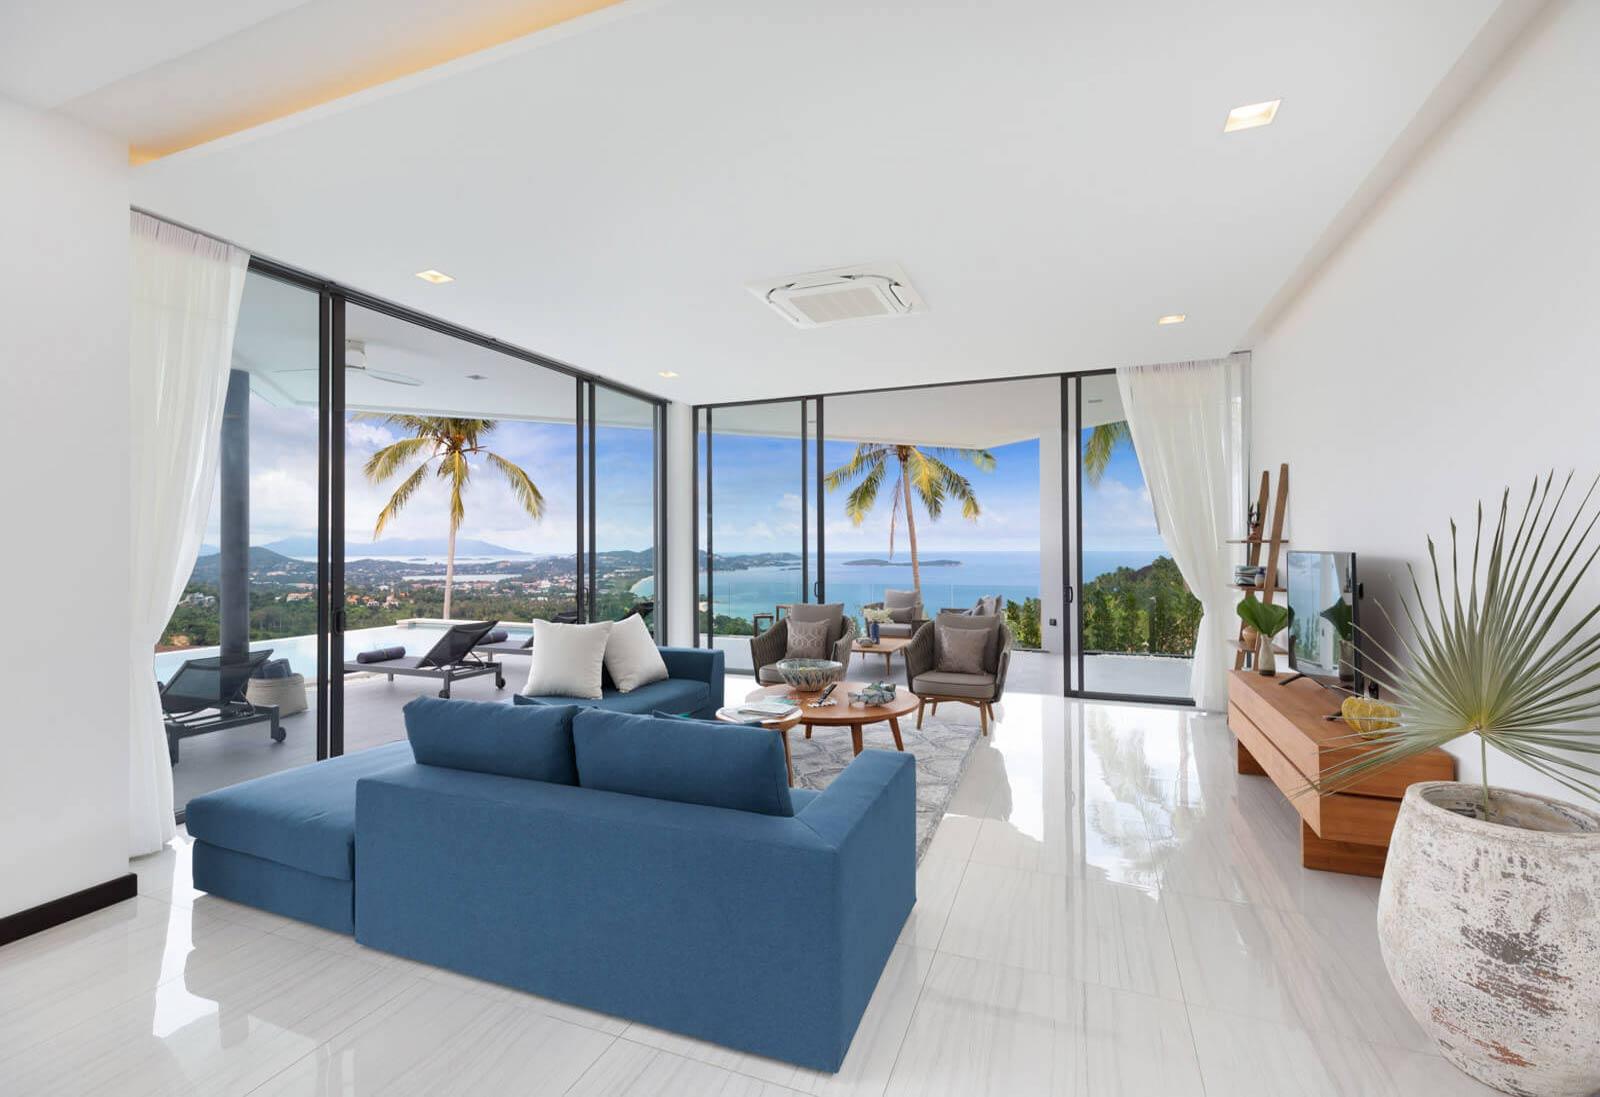 Villa Verano A 21 - Interior Design Service in Phuket & Samui by Oriental Living